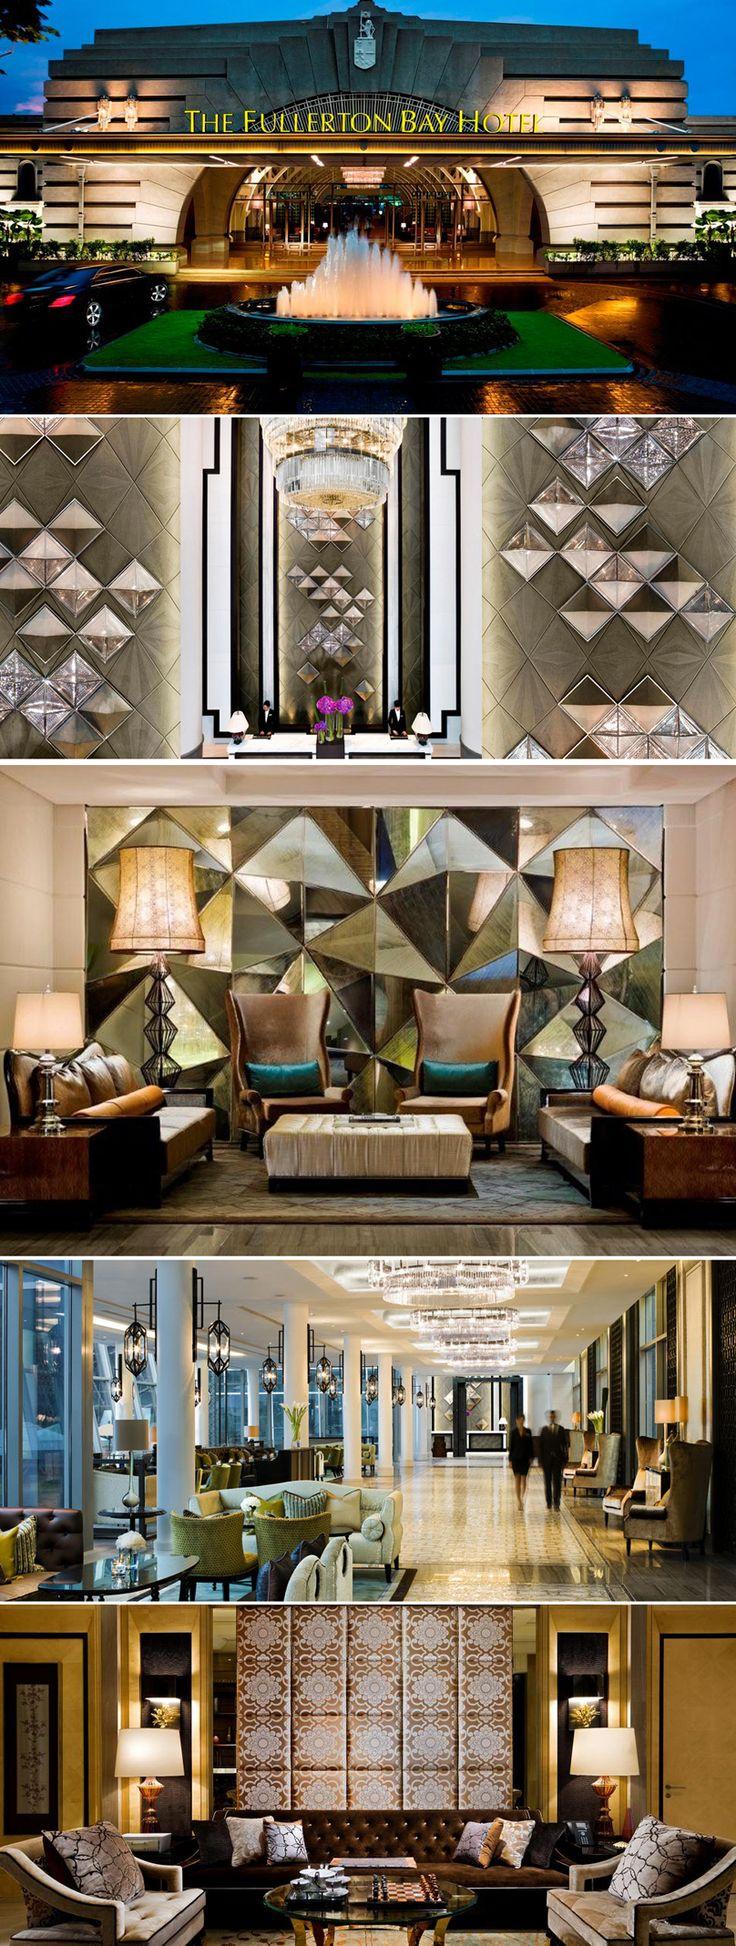 Best 20 foyer design ideas on pinterest foyer ideas for Hotel foyer decor